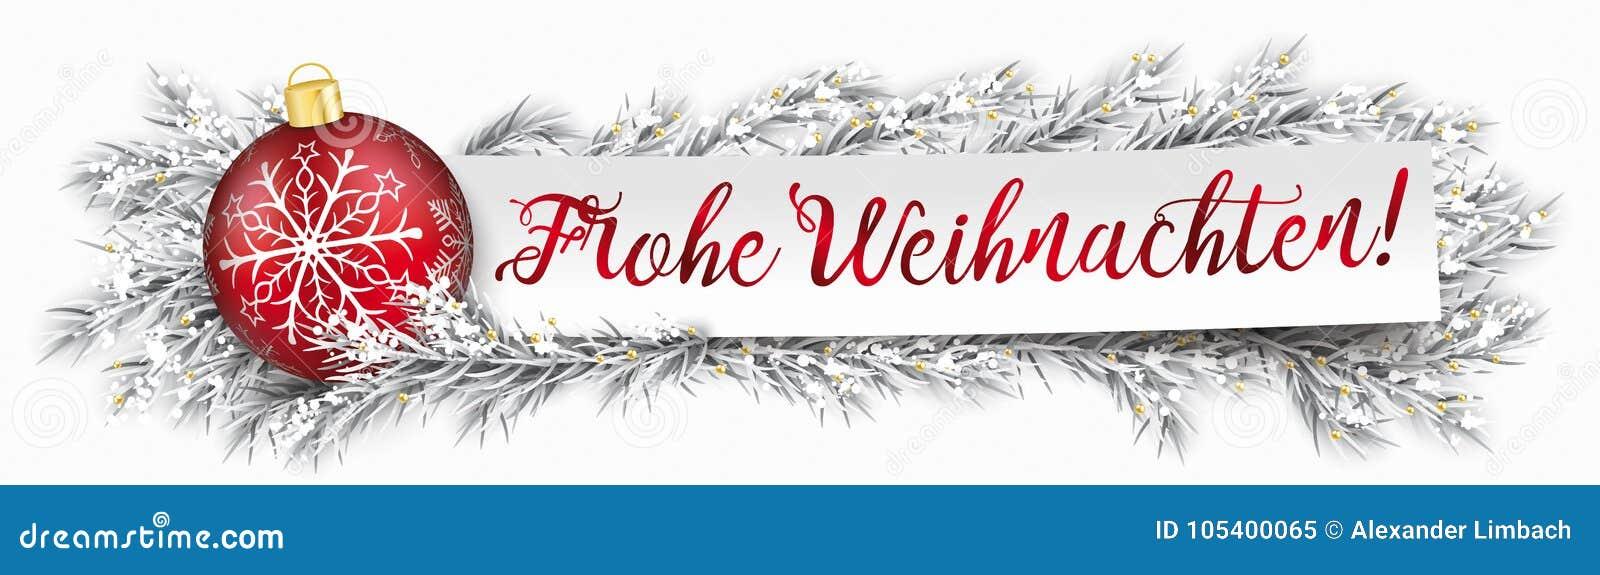 übersetzer Frohe Weihnachten.Papierfahnen Flitter Gefrorenes Zweig Weihnachten Frohe Weihnachten